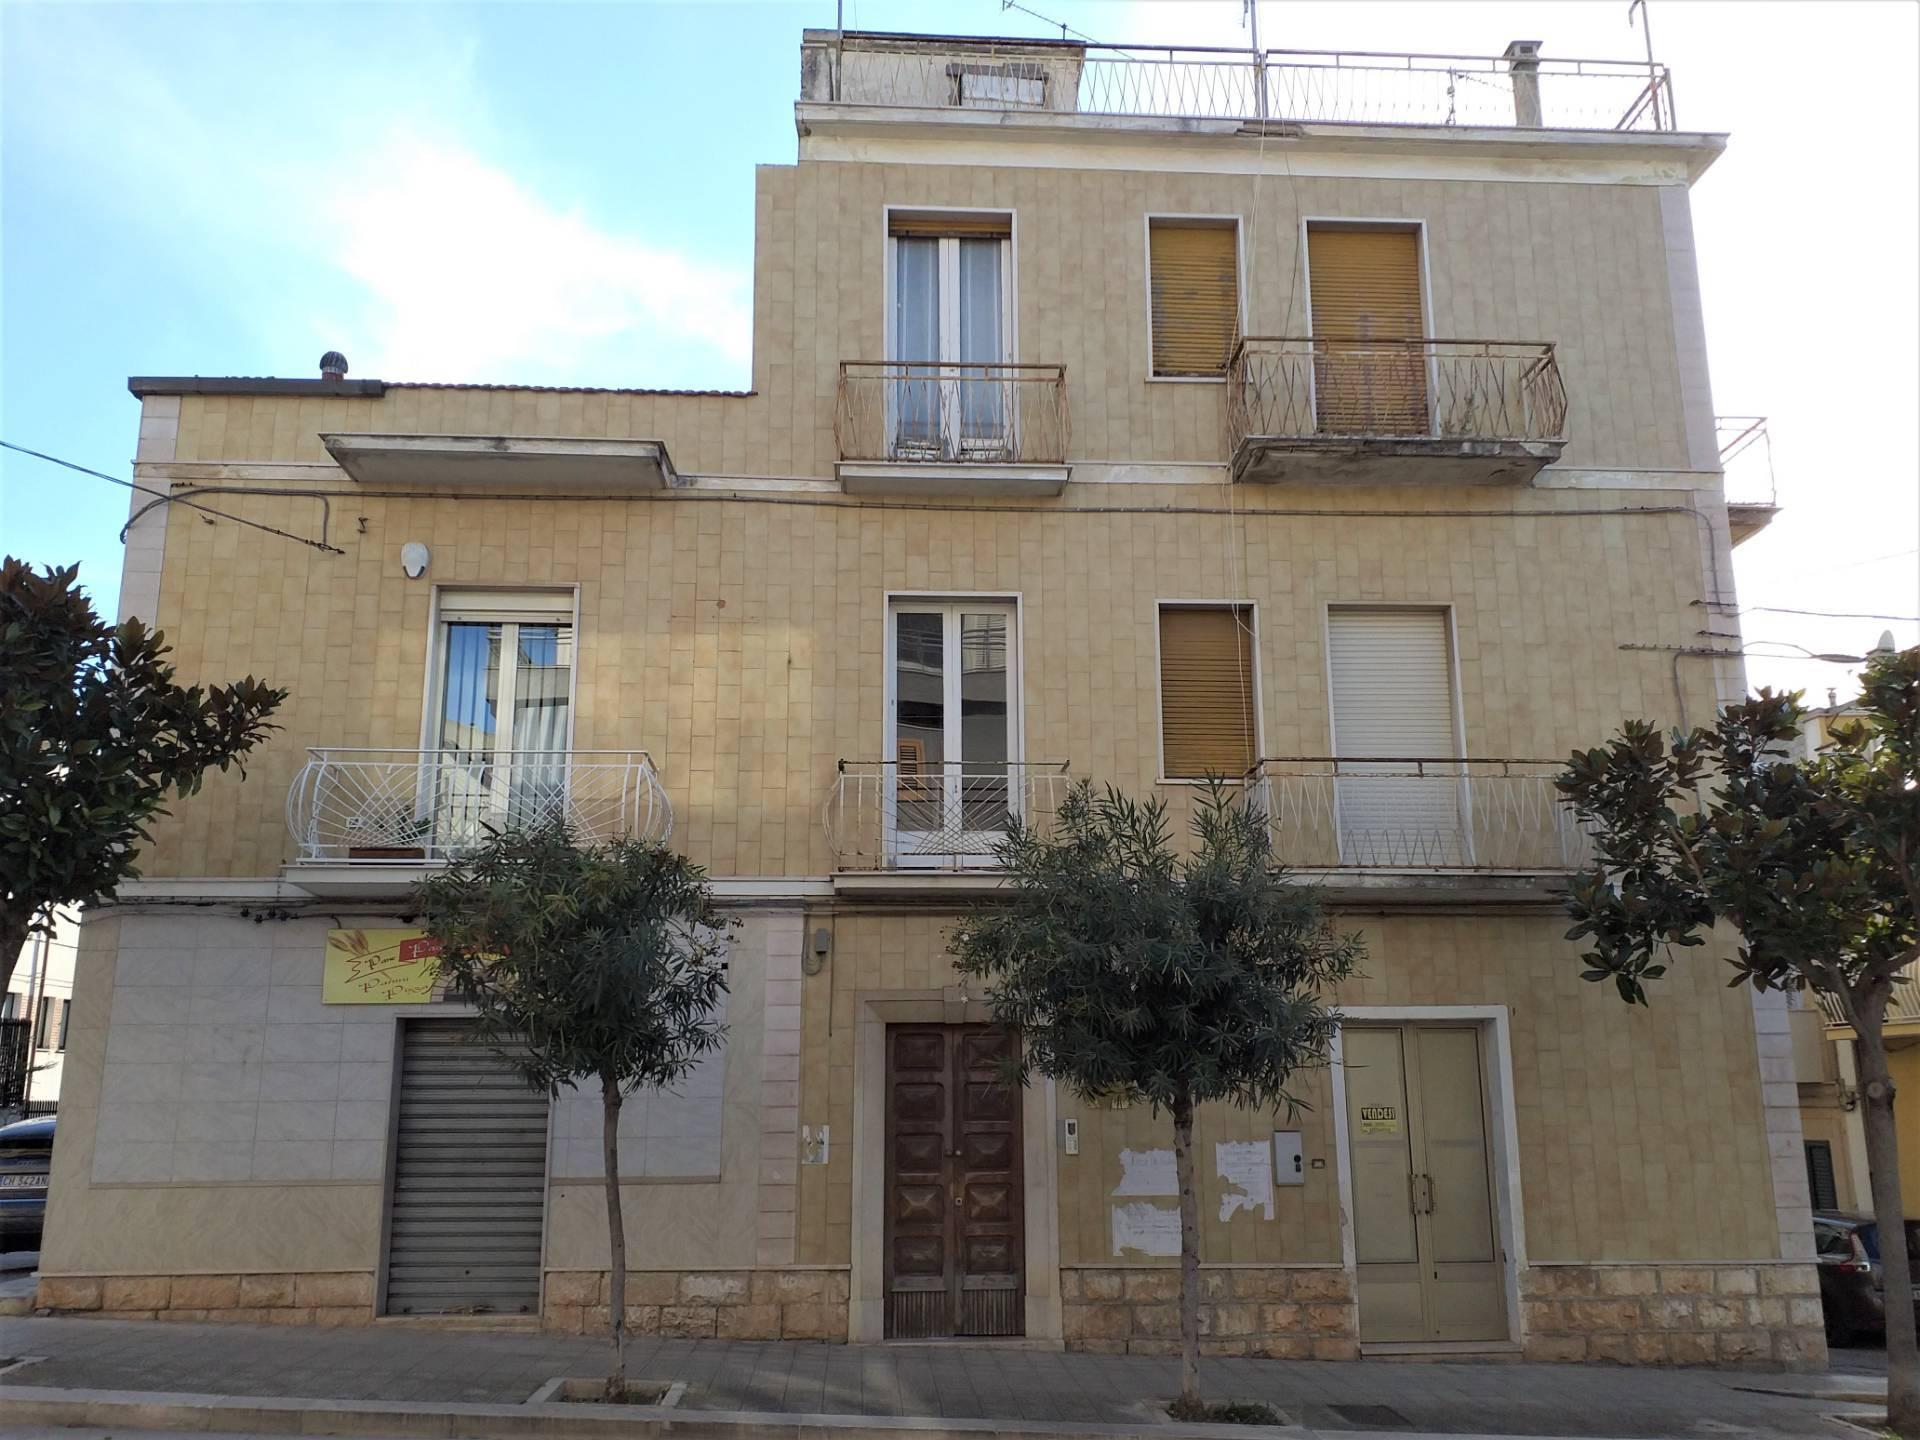 Appartamento in vendita a San Nicandro Garganico, 3 locali, zona Località: STAZIONE, prezzo € 22.000 | PortaleAgenzieImmobiliari.it